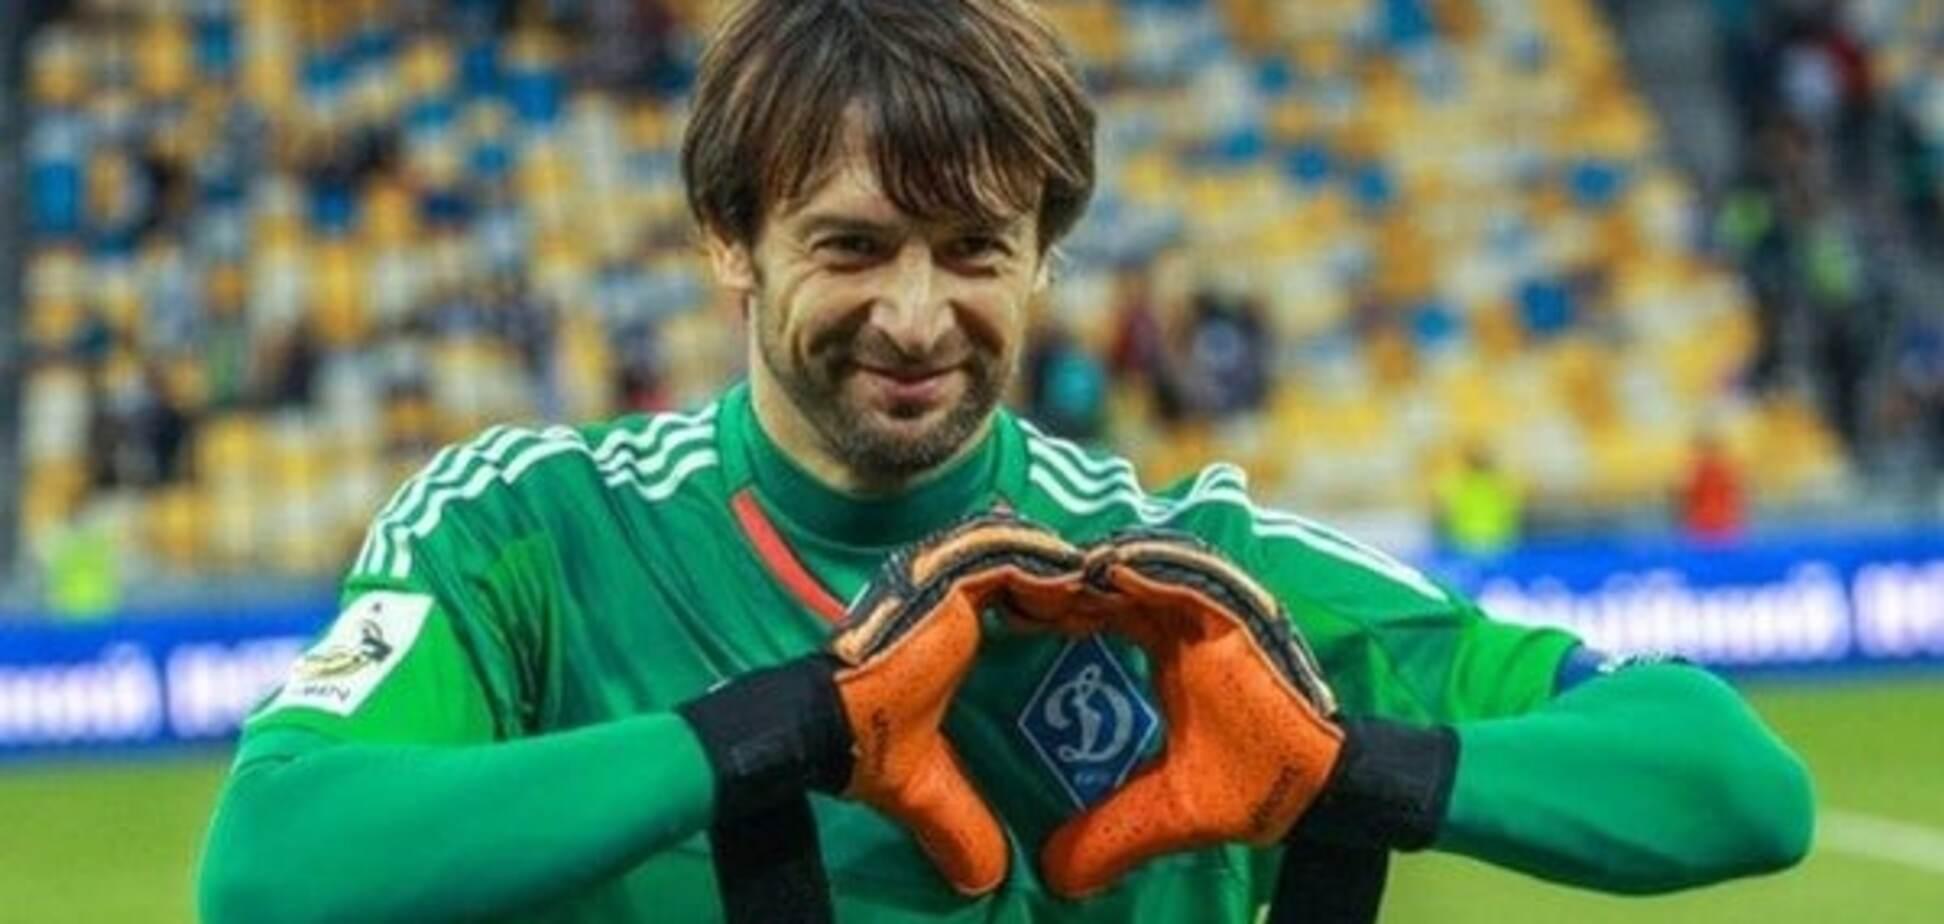 Поздравляем! Шовковскому исполнился 41 год: яркие фото легенды 'Динамо'